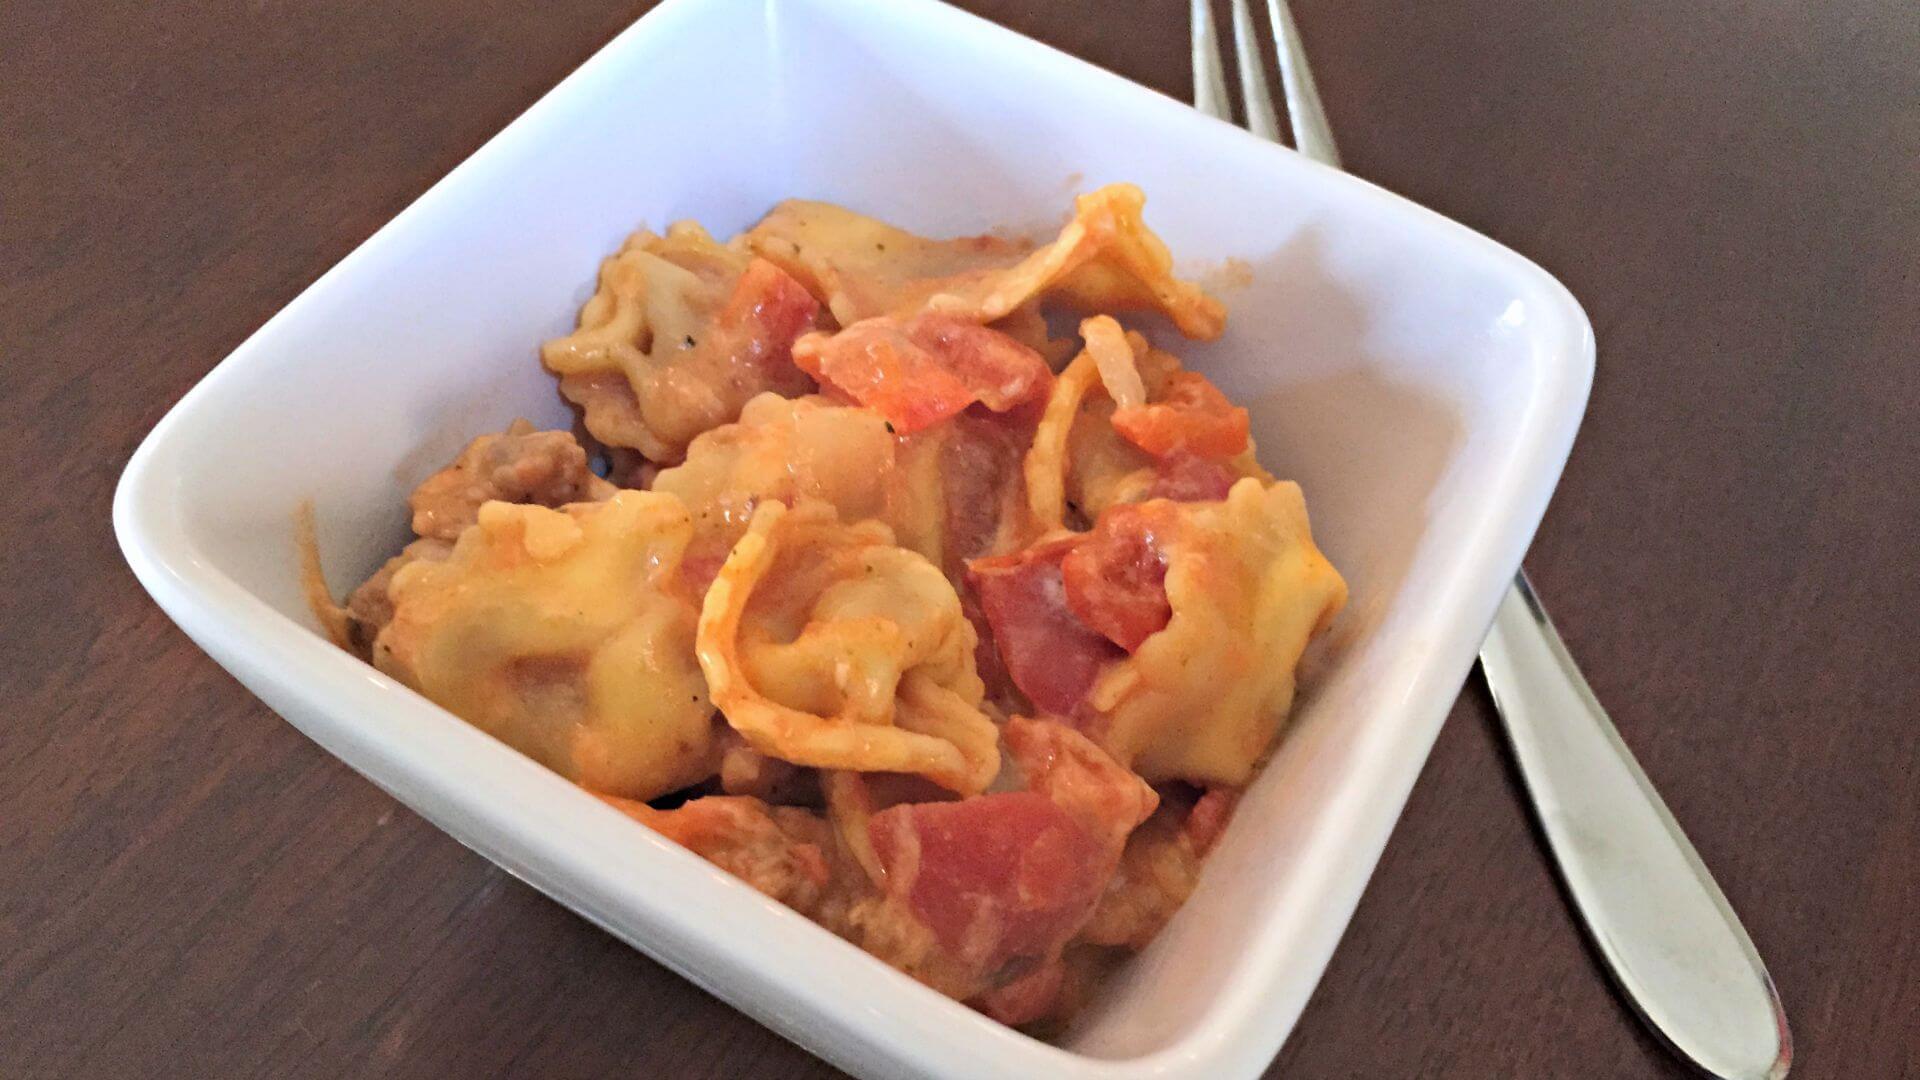 Italian Sausage and Tortellini recipe